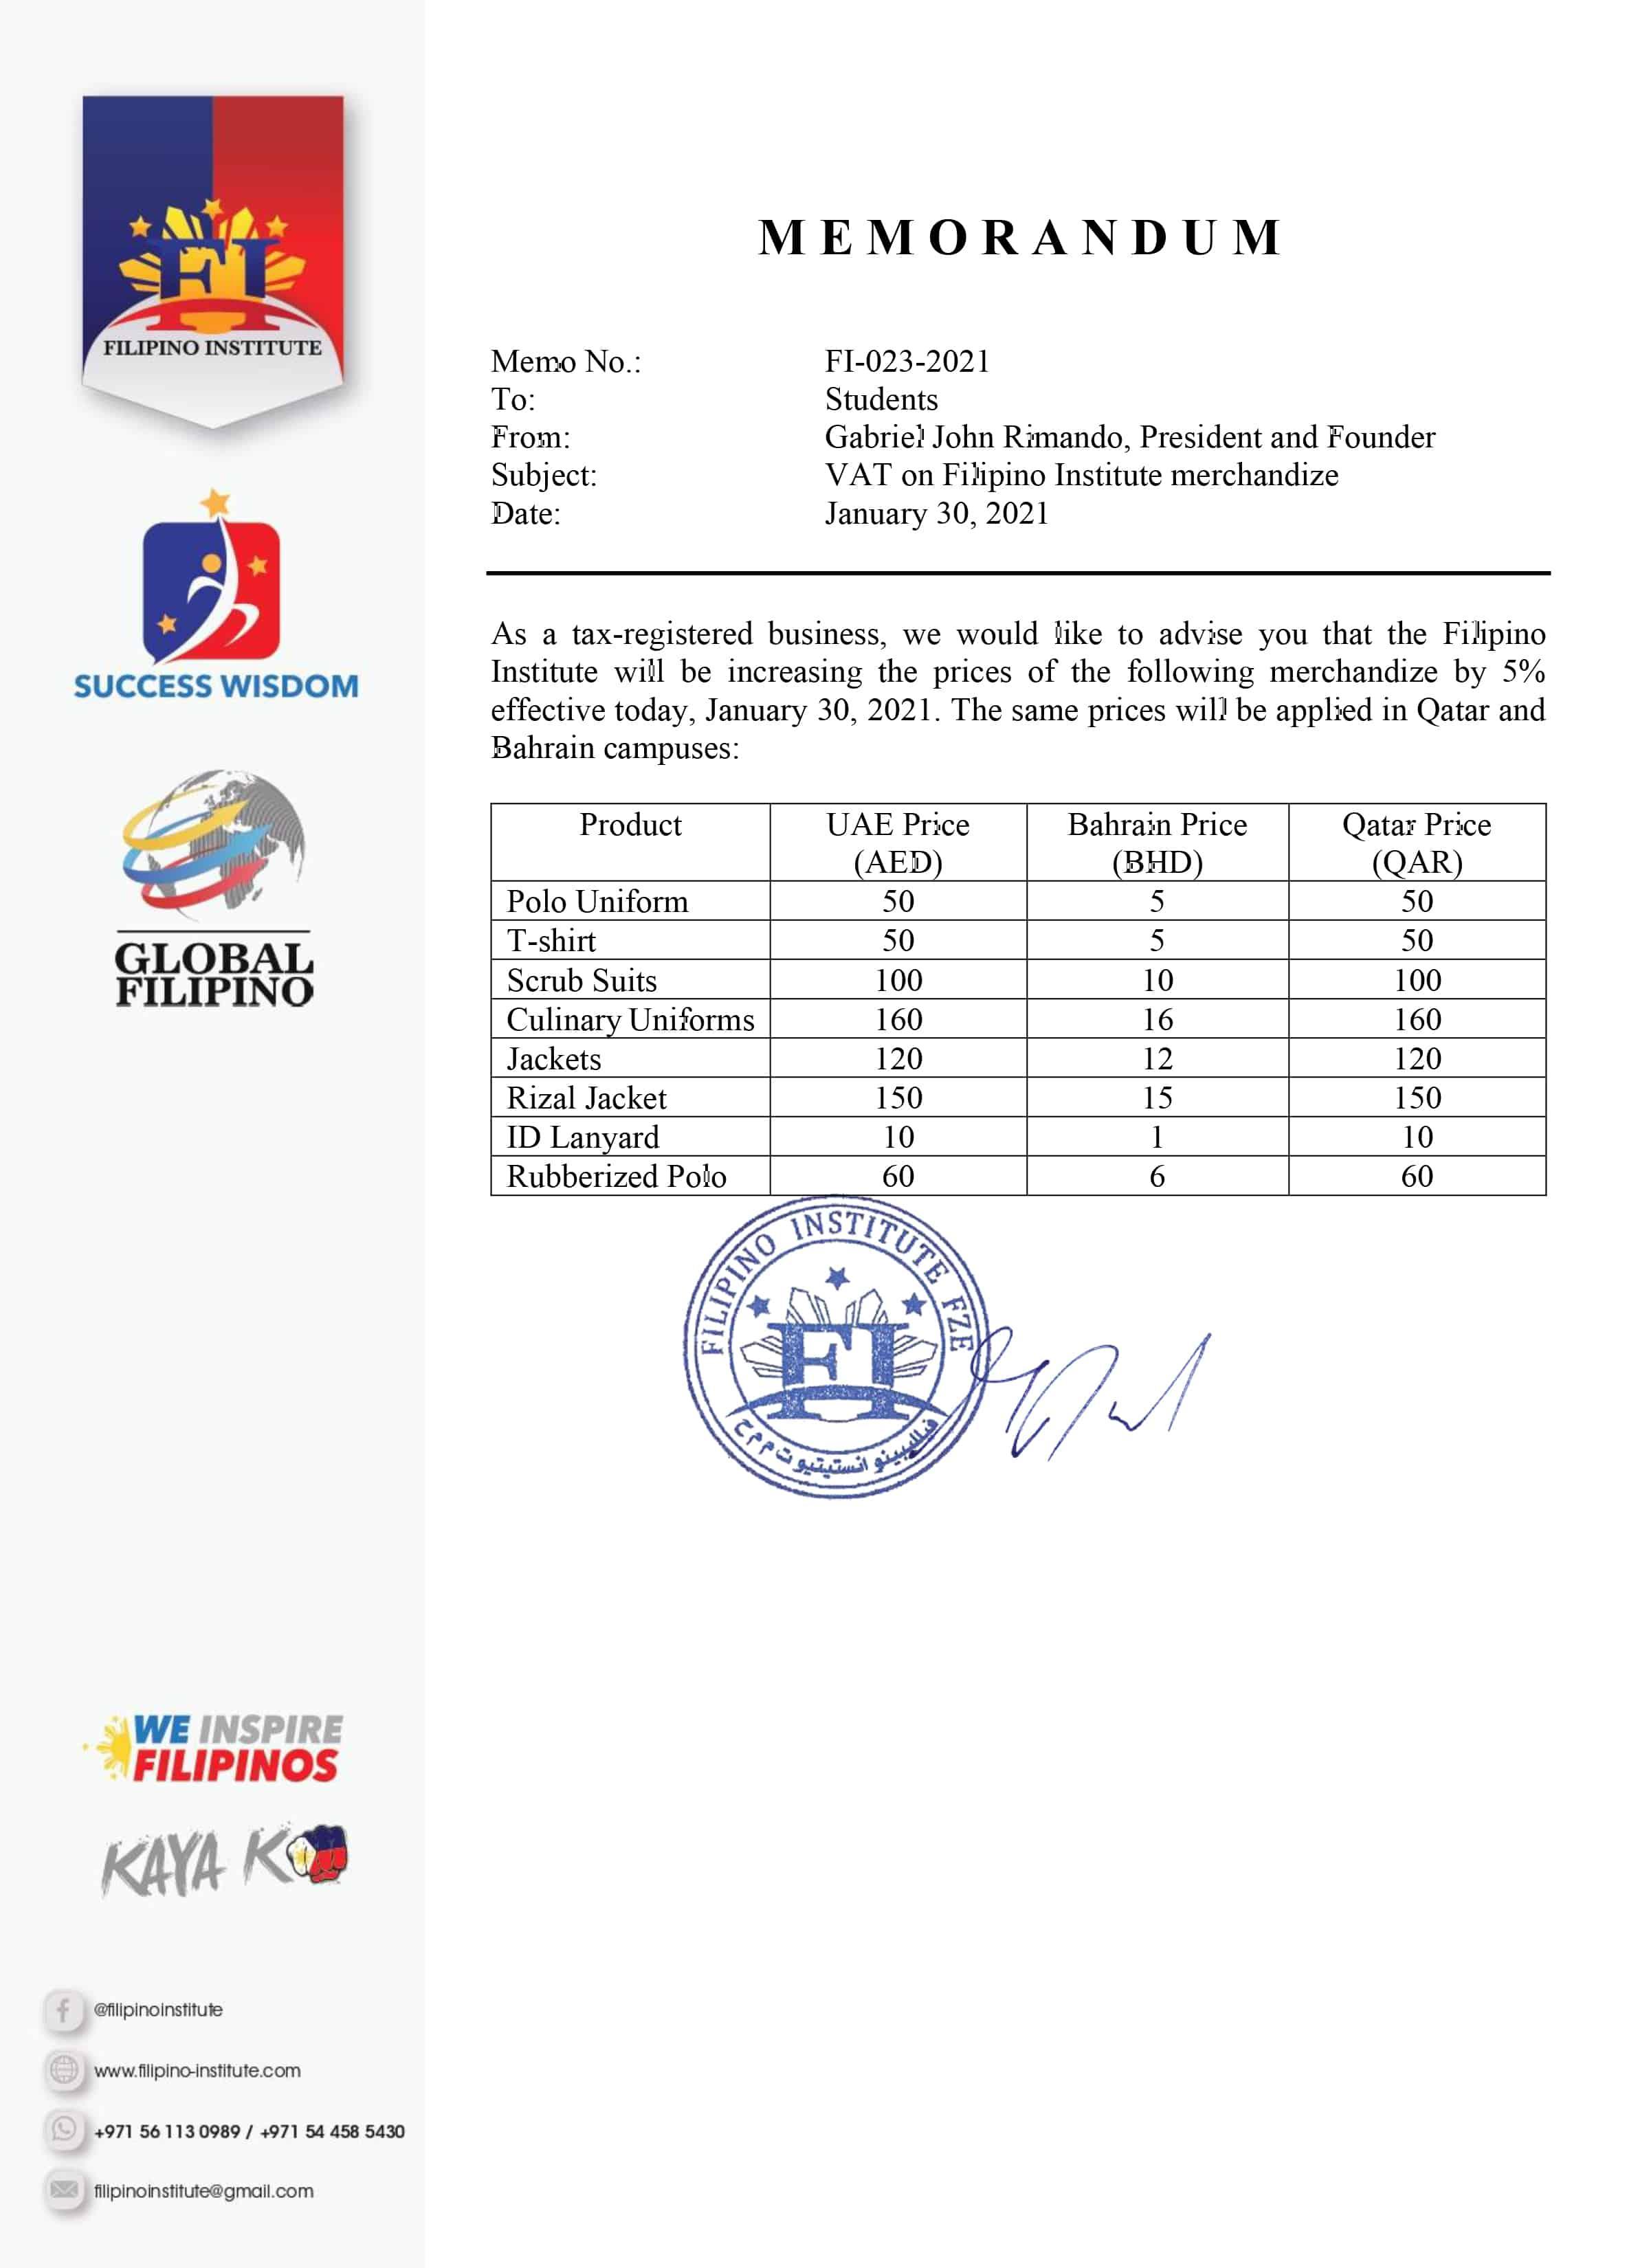 Subject : VAT on Filipino Institute MerchandizeDate : January 30, 2021 Memo No. : FI-023-2021